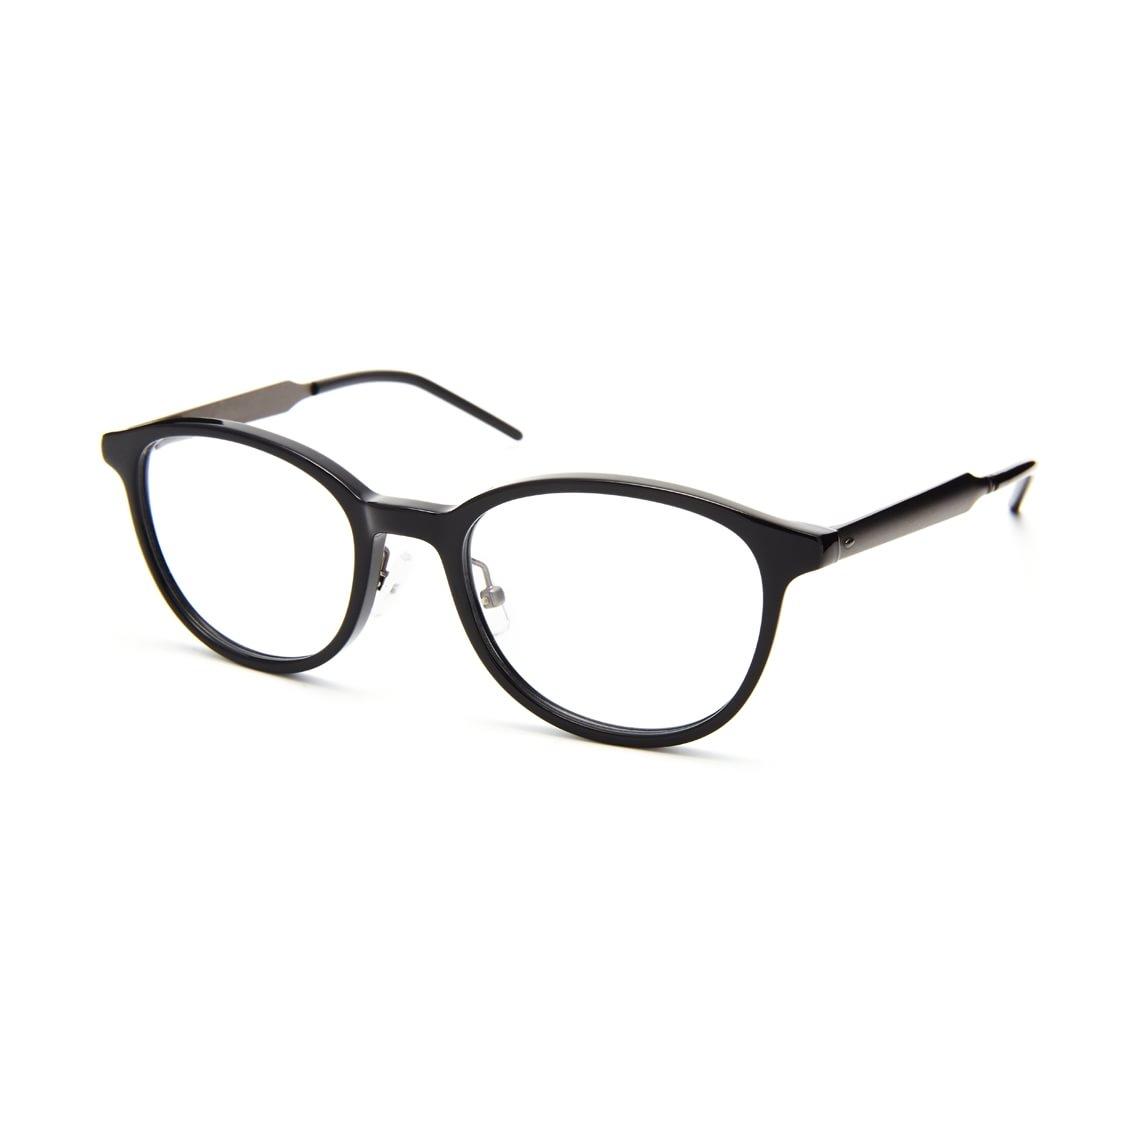 e51cbf8667 E-sport - Sportglasögon - Synsam